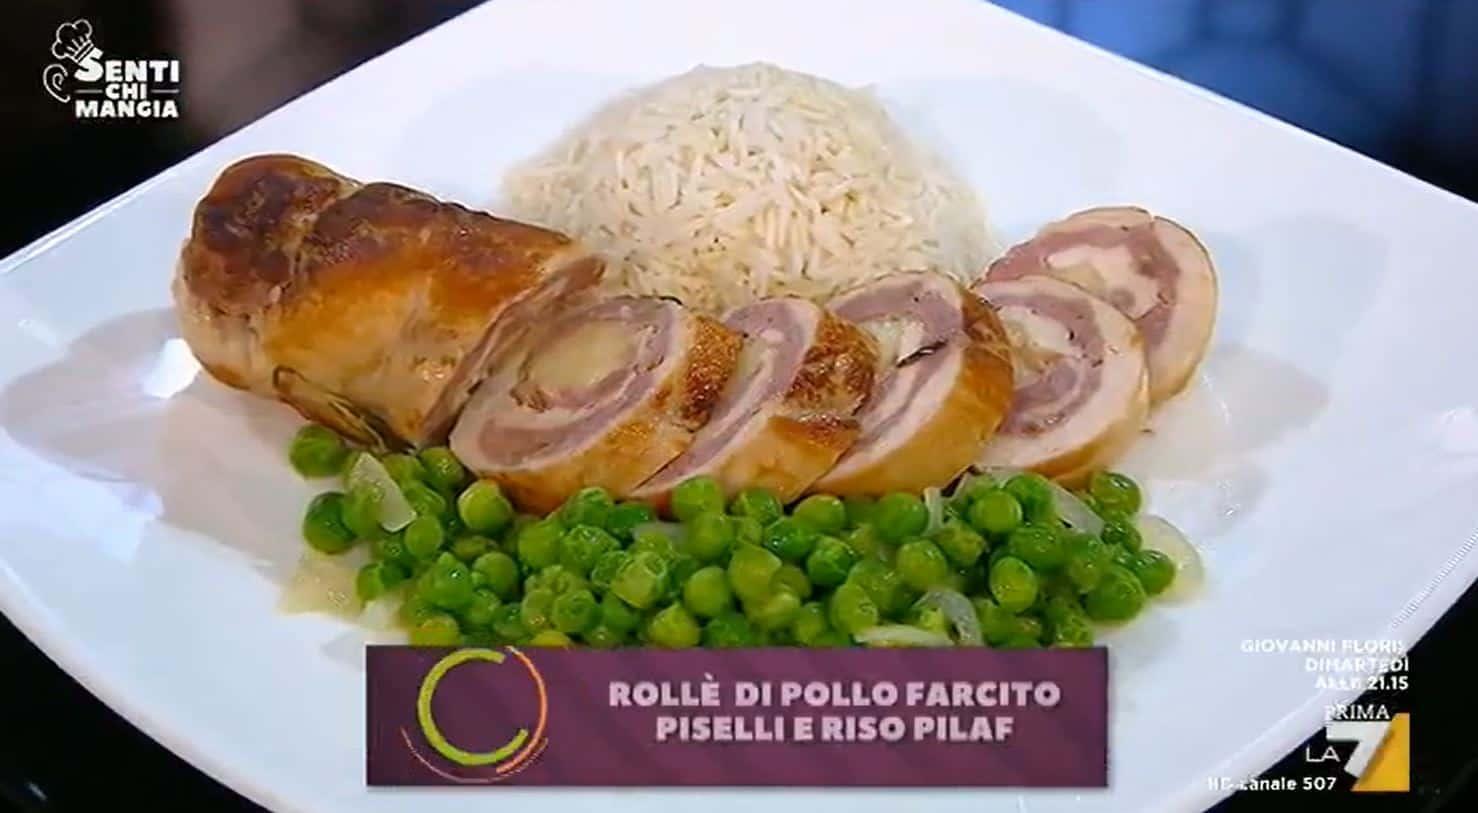 Rollè di pollo farcito con piselli e riso pilaf: una ricetta di Benedetta Parodi